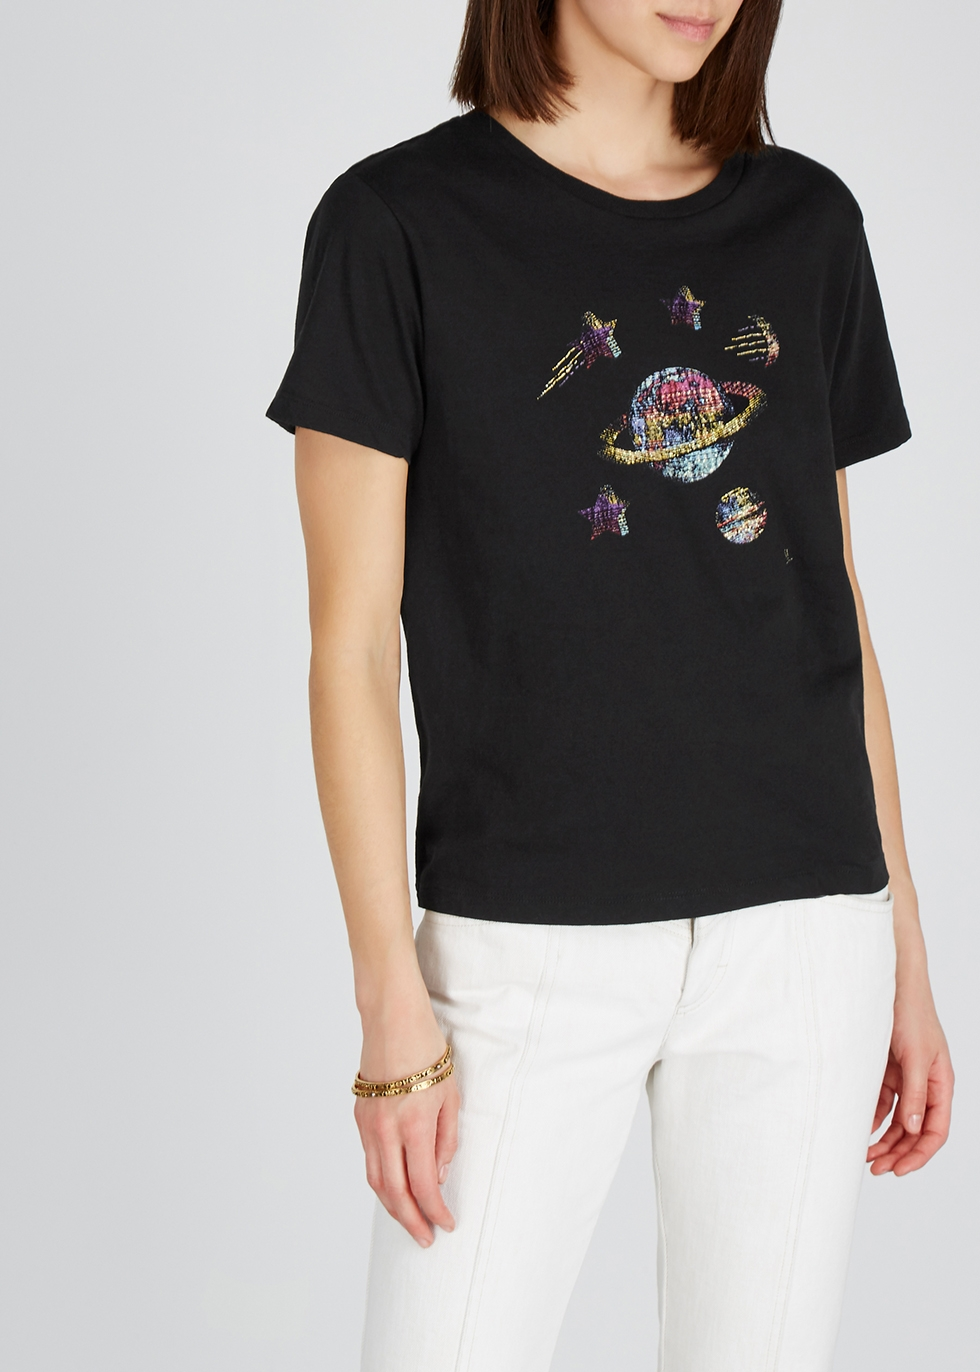 Black printed cotton T-shirt - Saint Laurent